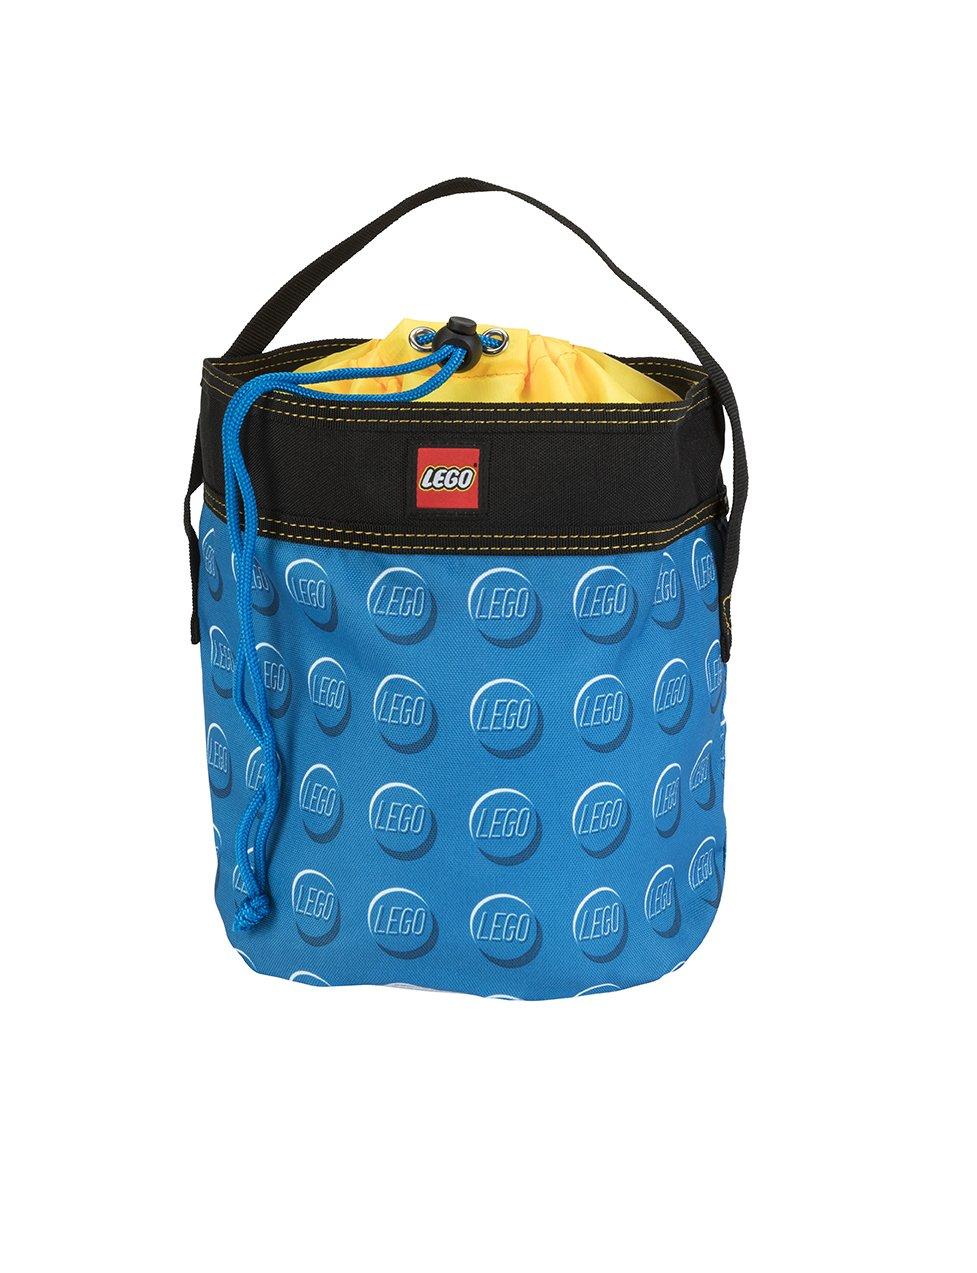 LEGO Cinch Bucket-Blue